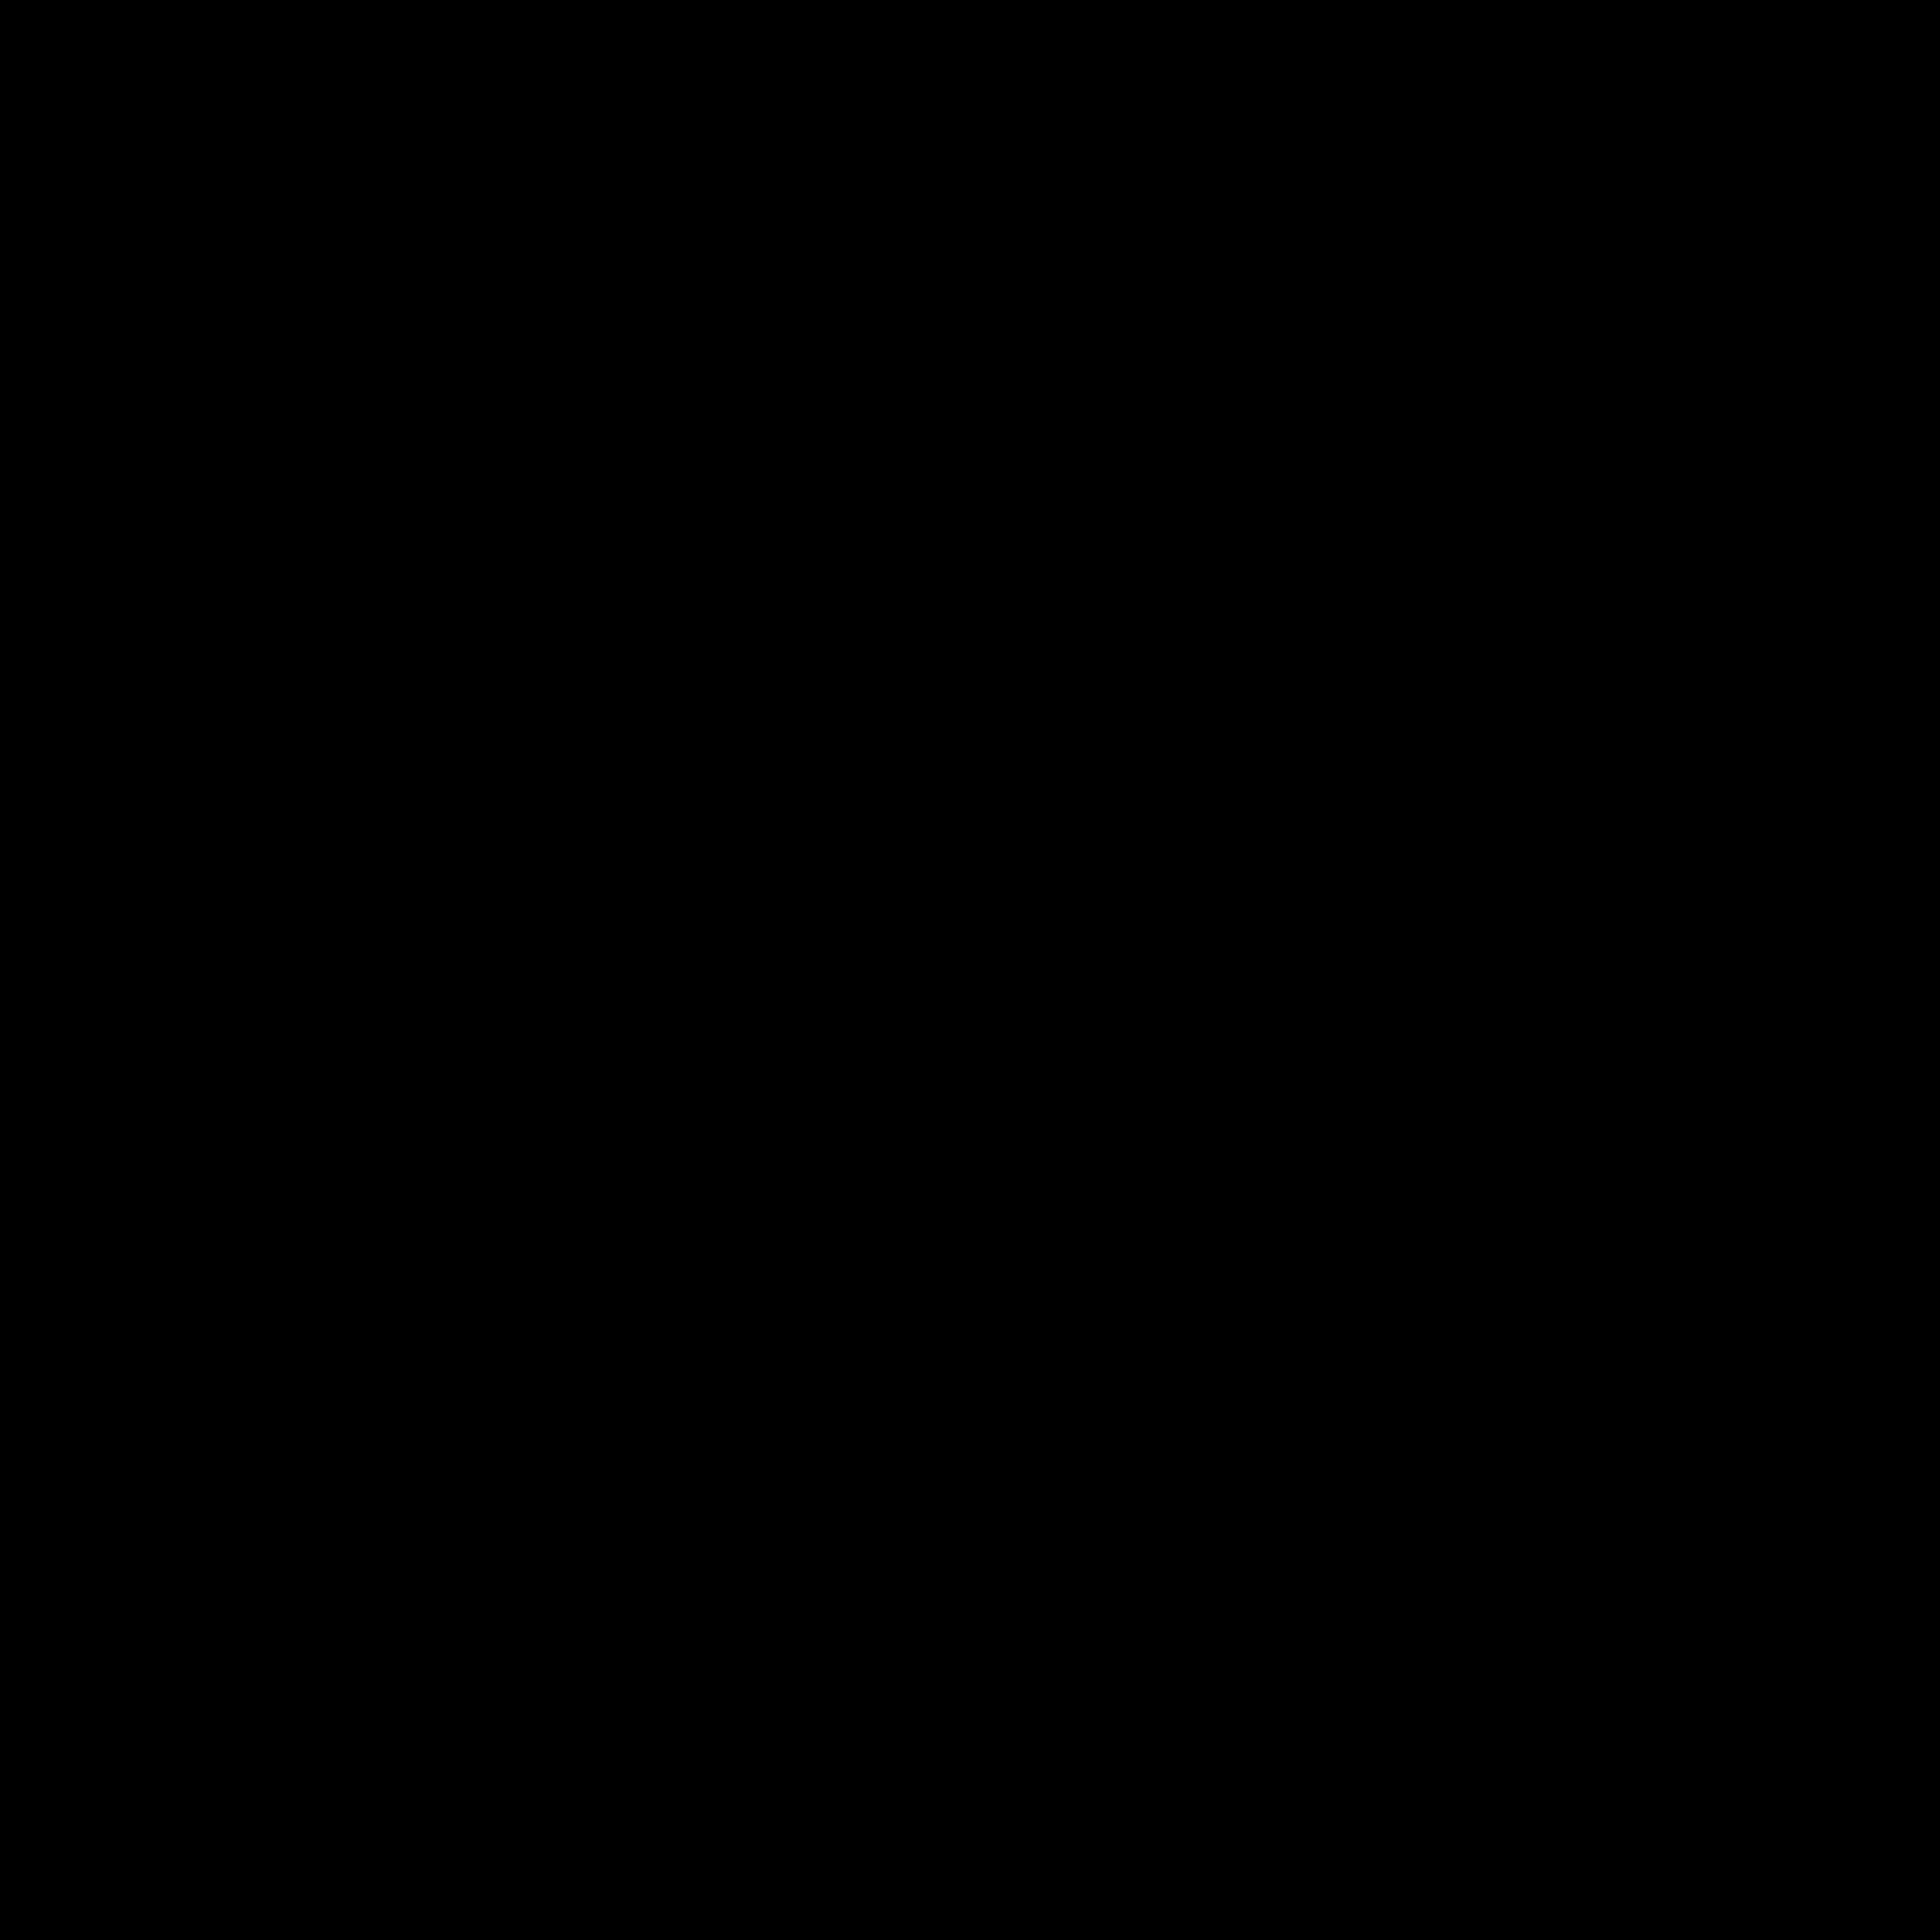 Daily Elegant Logo PNG Transparent & SVG Vector.